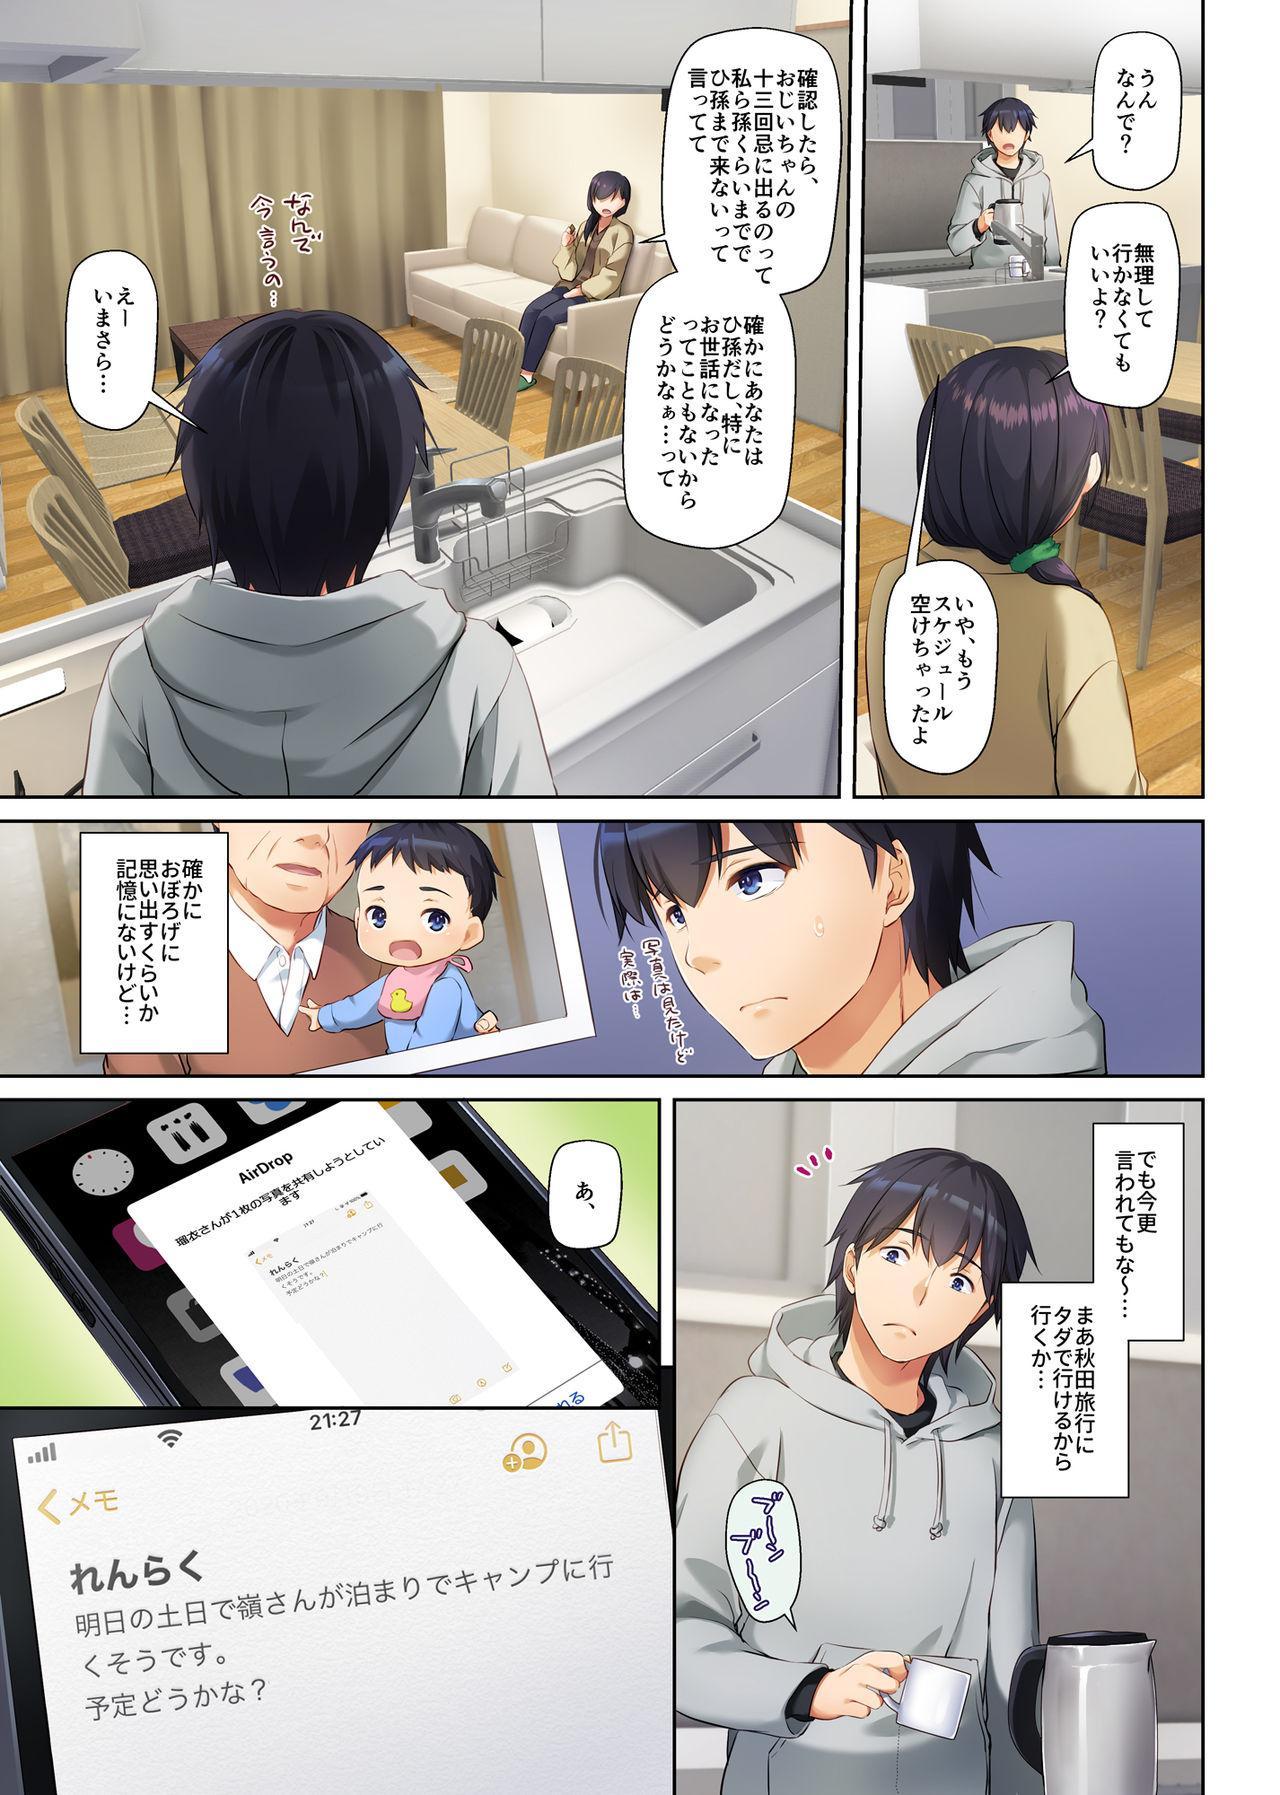 Hitozuma Osananajimi to Hitonatsu no Dekigoto 3 DLO-14 14